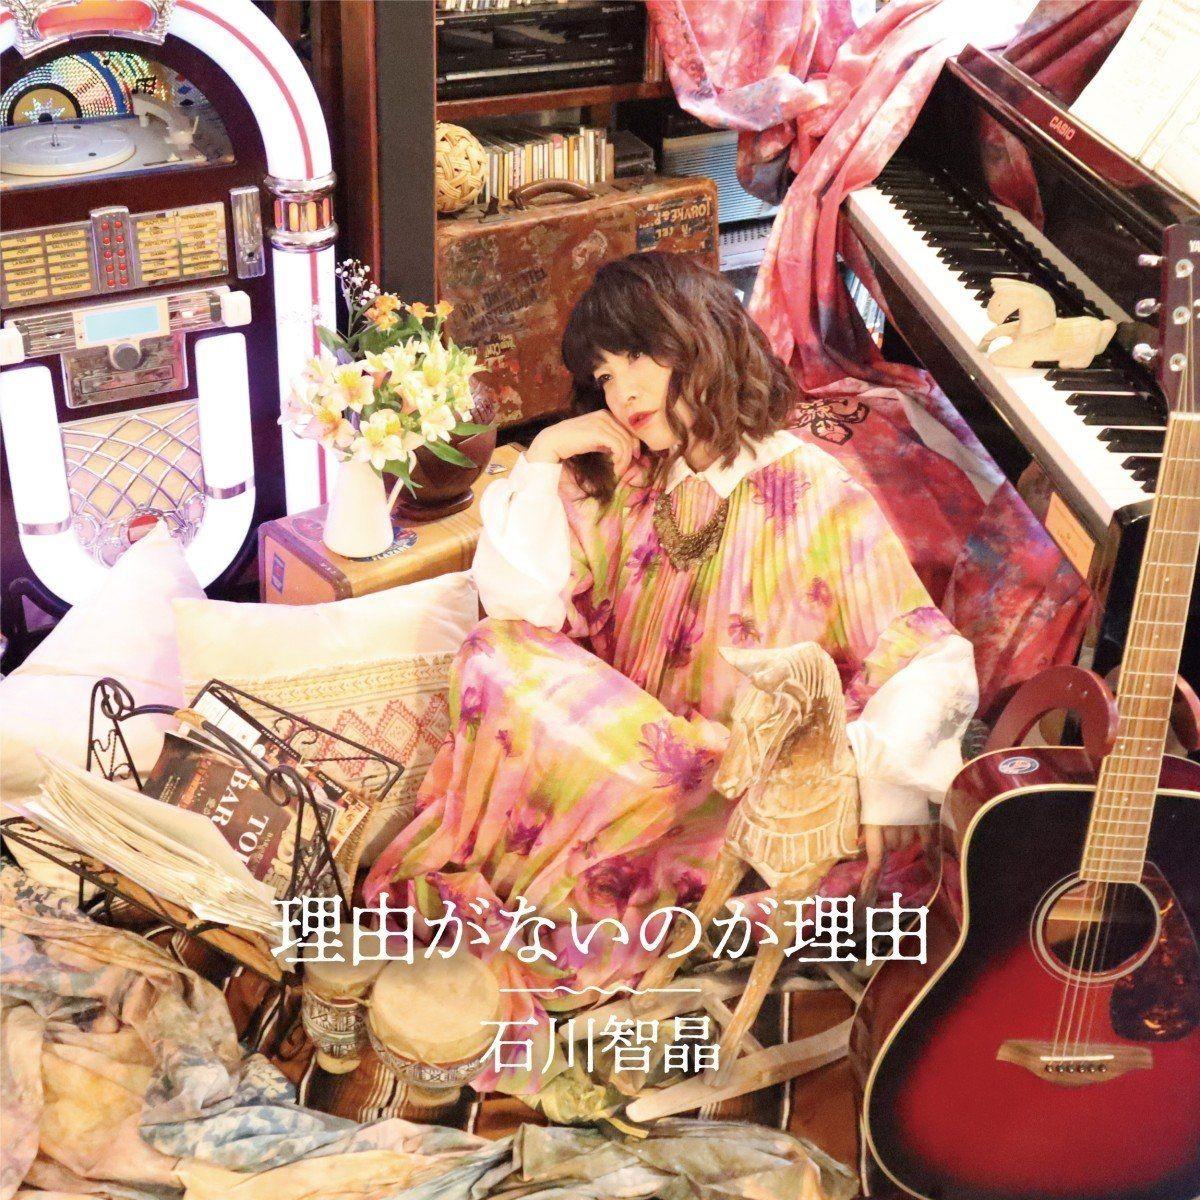 [音楽 – Single] 石川智晶 (Chiaki Ishikawa) – 理由がないのが理由 [FLAC / WEB] [2021.10.06]